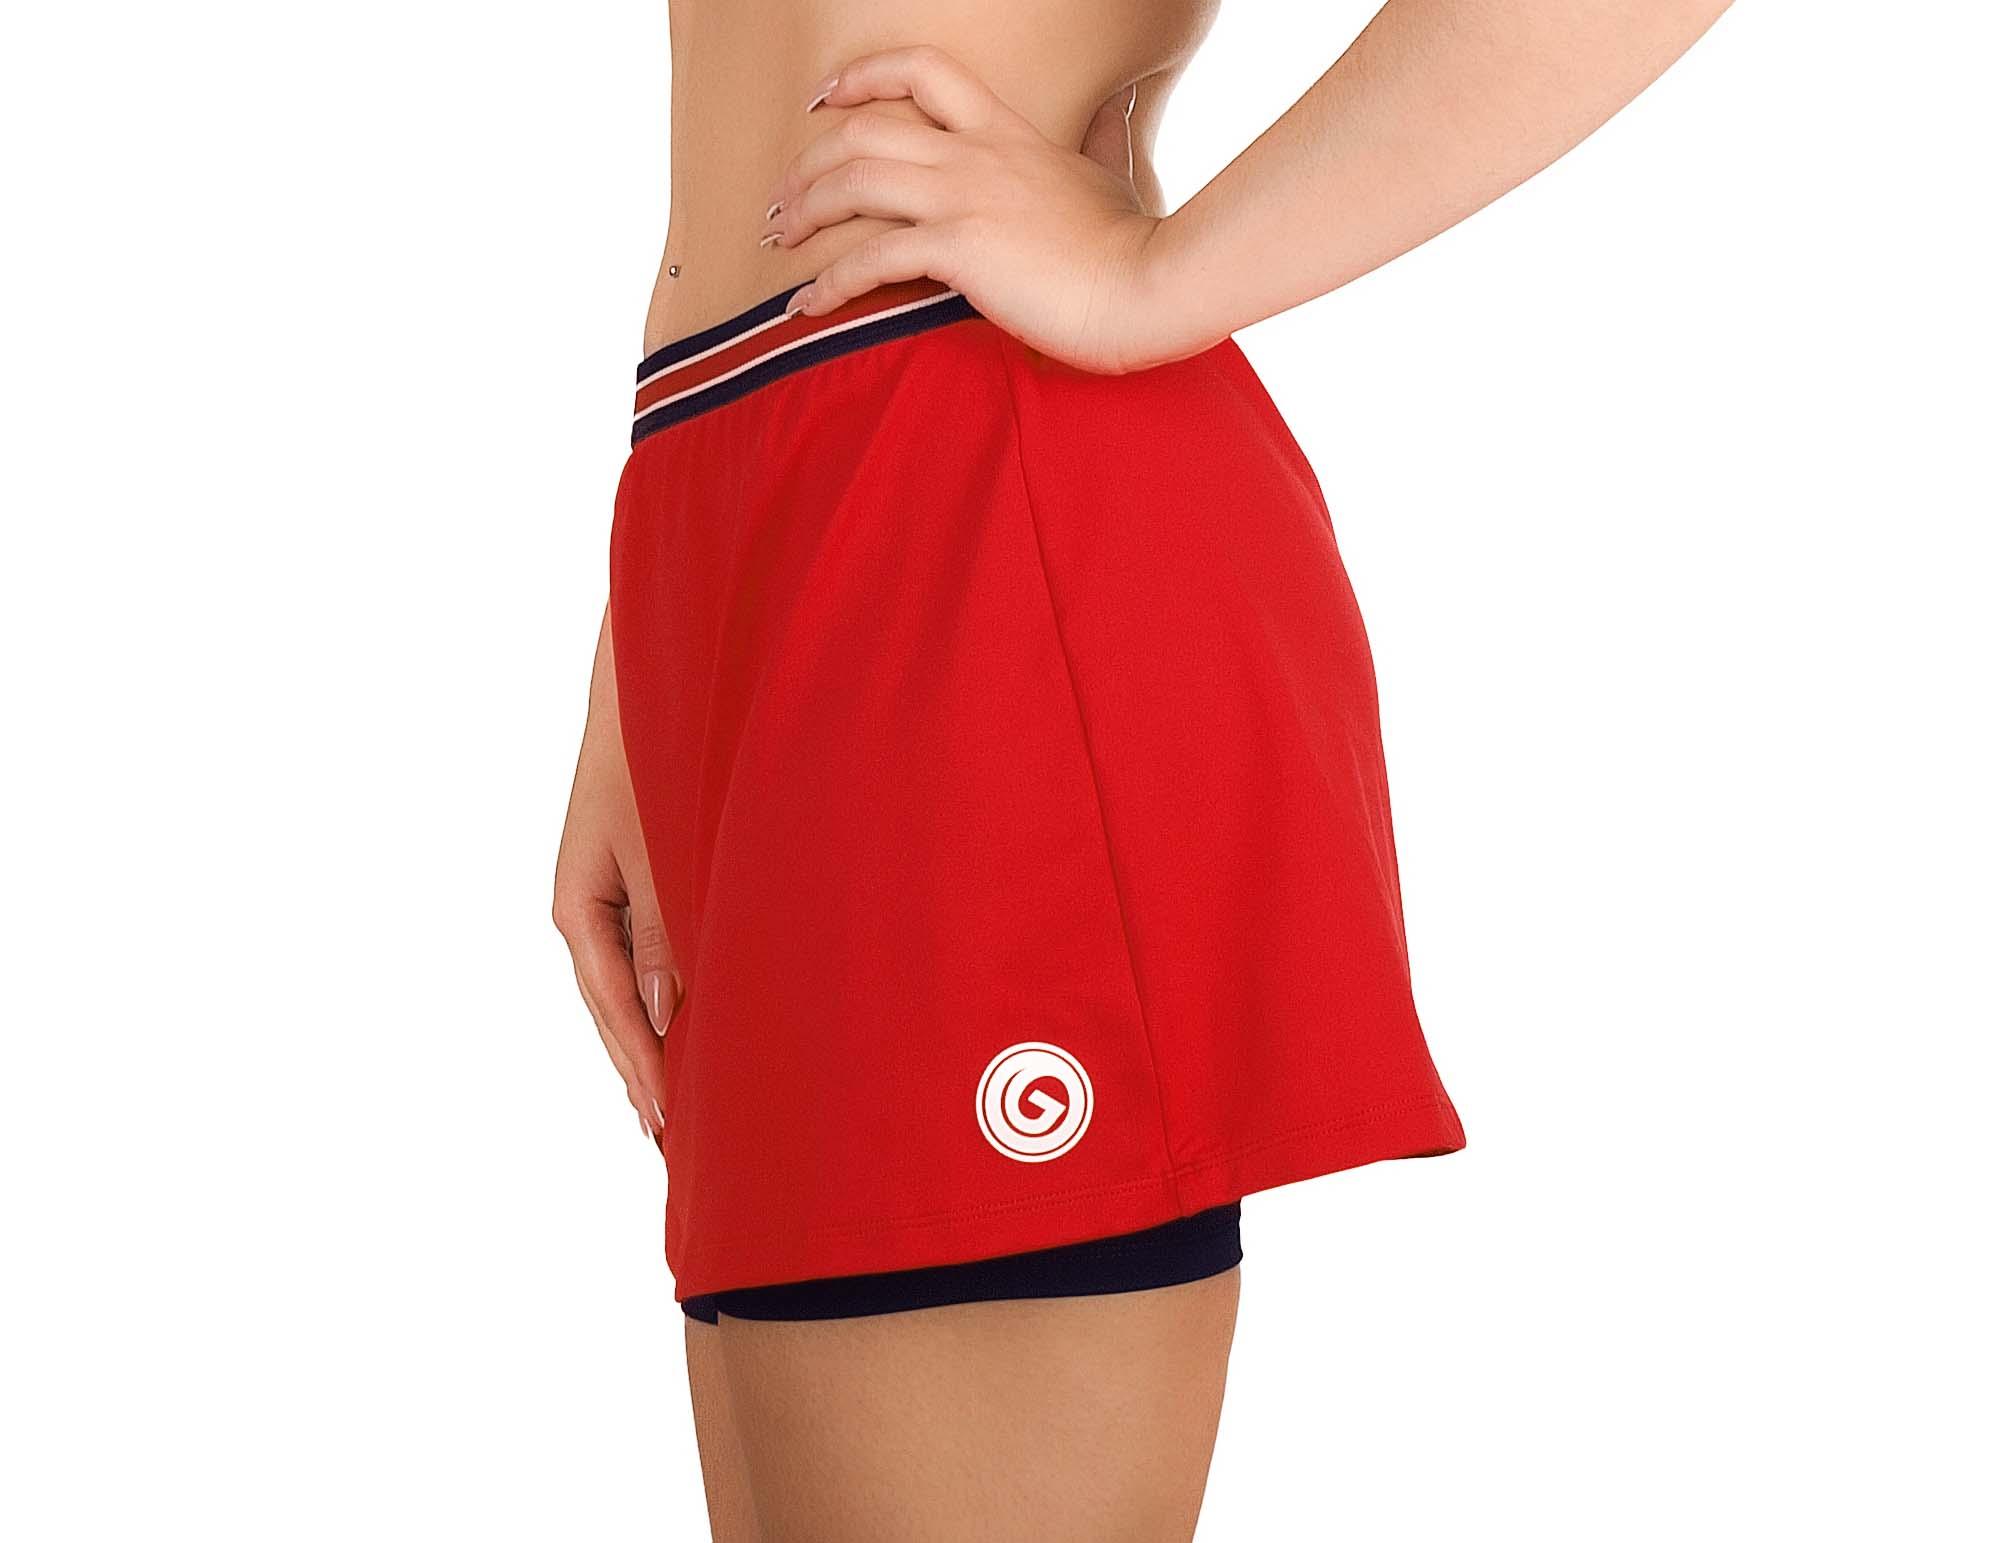 Falda roja con pantalón corto interior azul